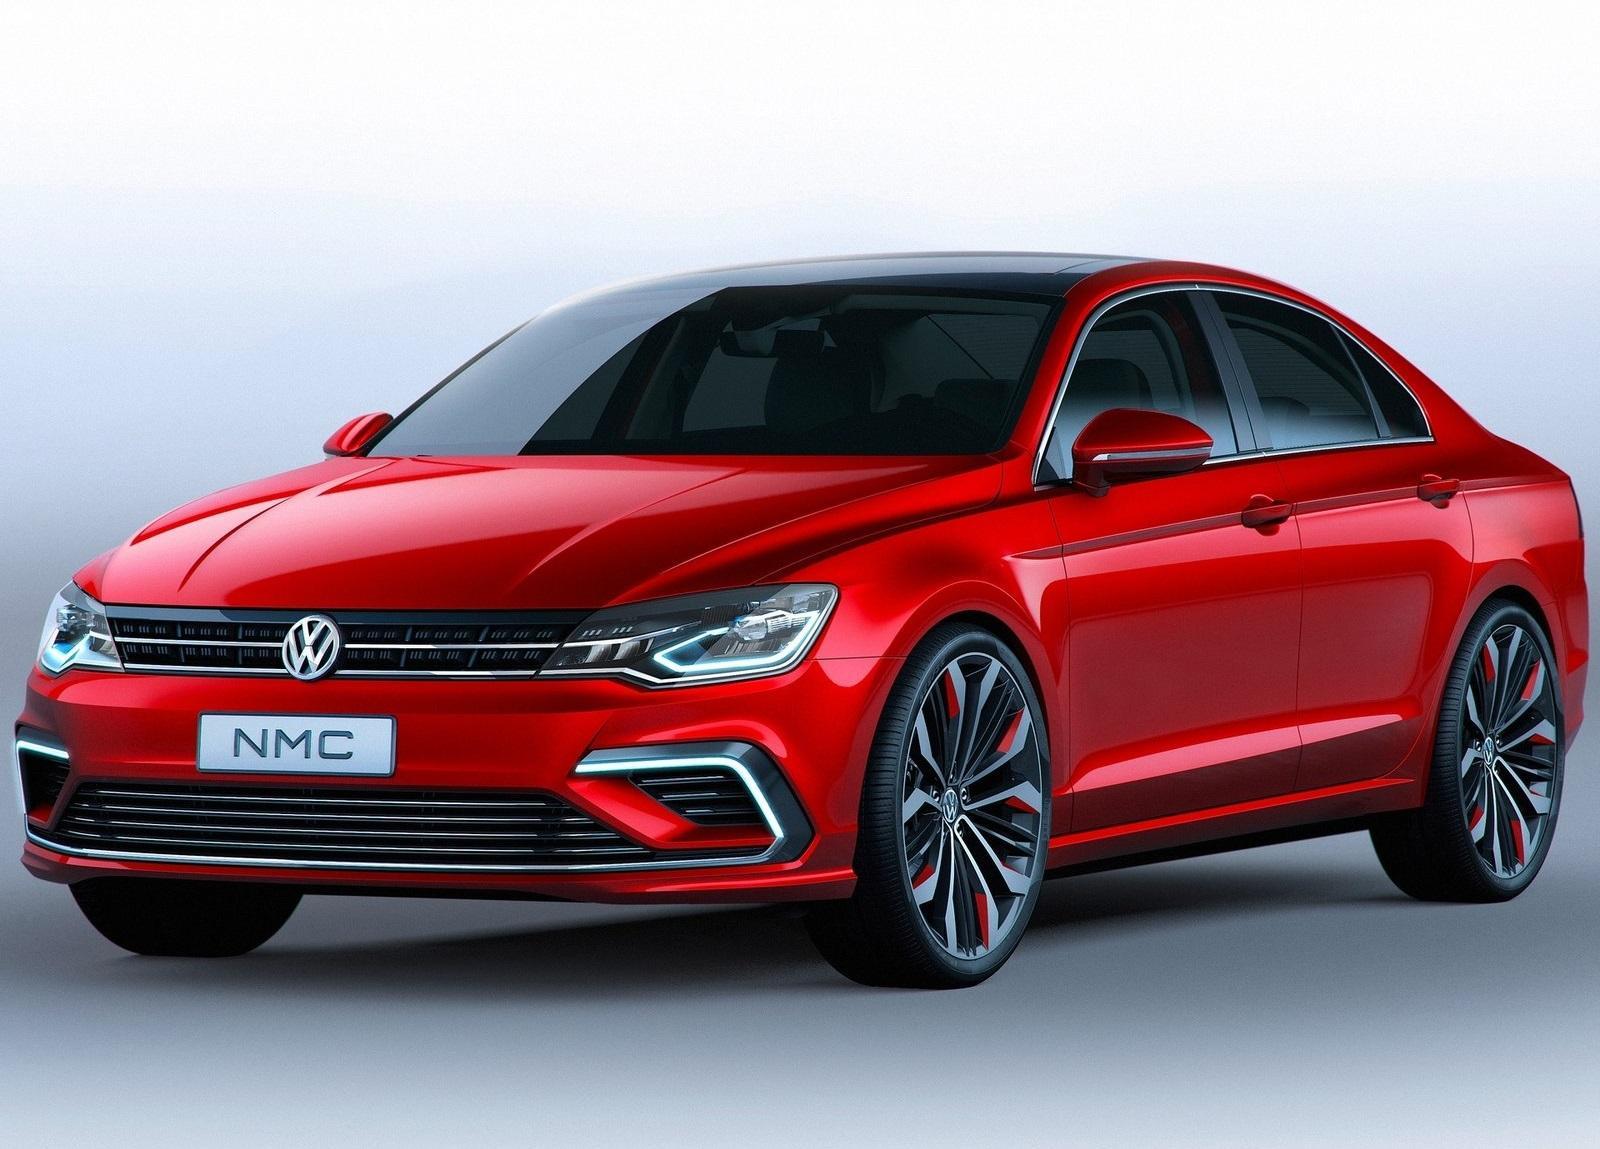 Volkswagen nmc concept vs mercedes benz cla four door for Mercedes benz cla 2 door